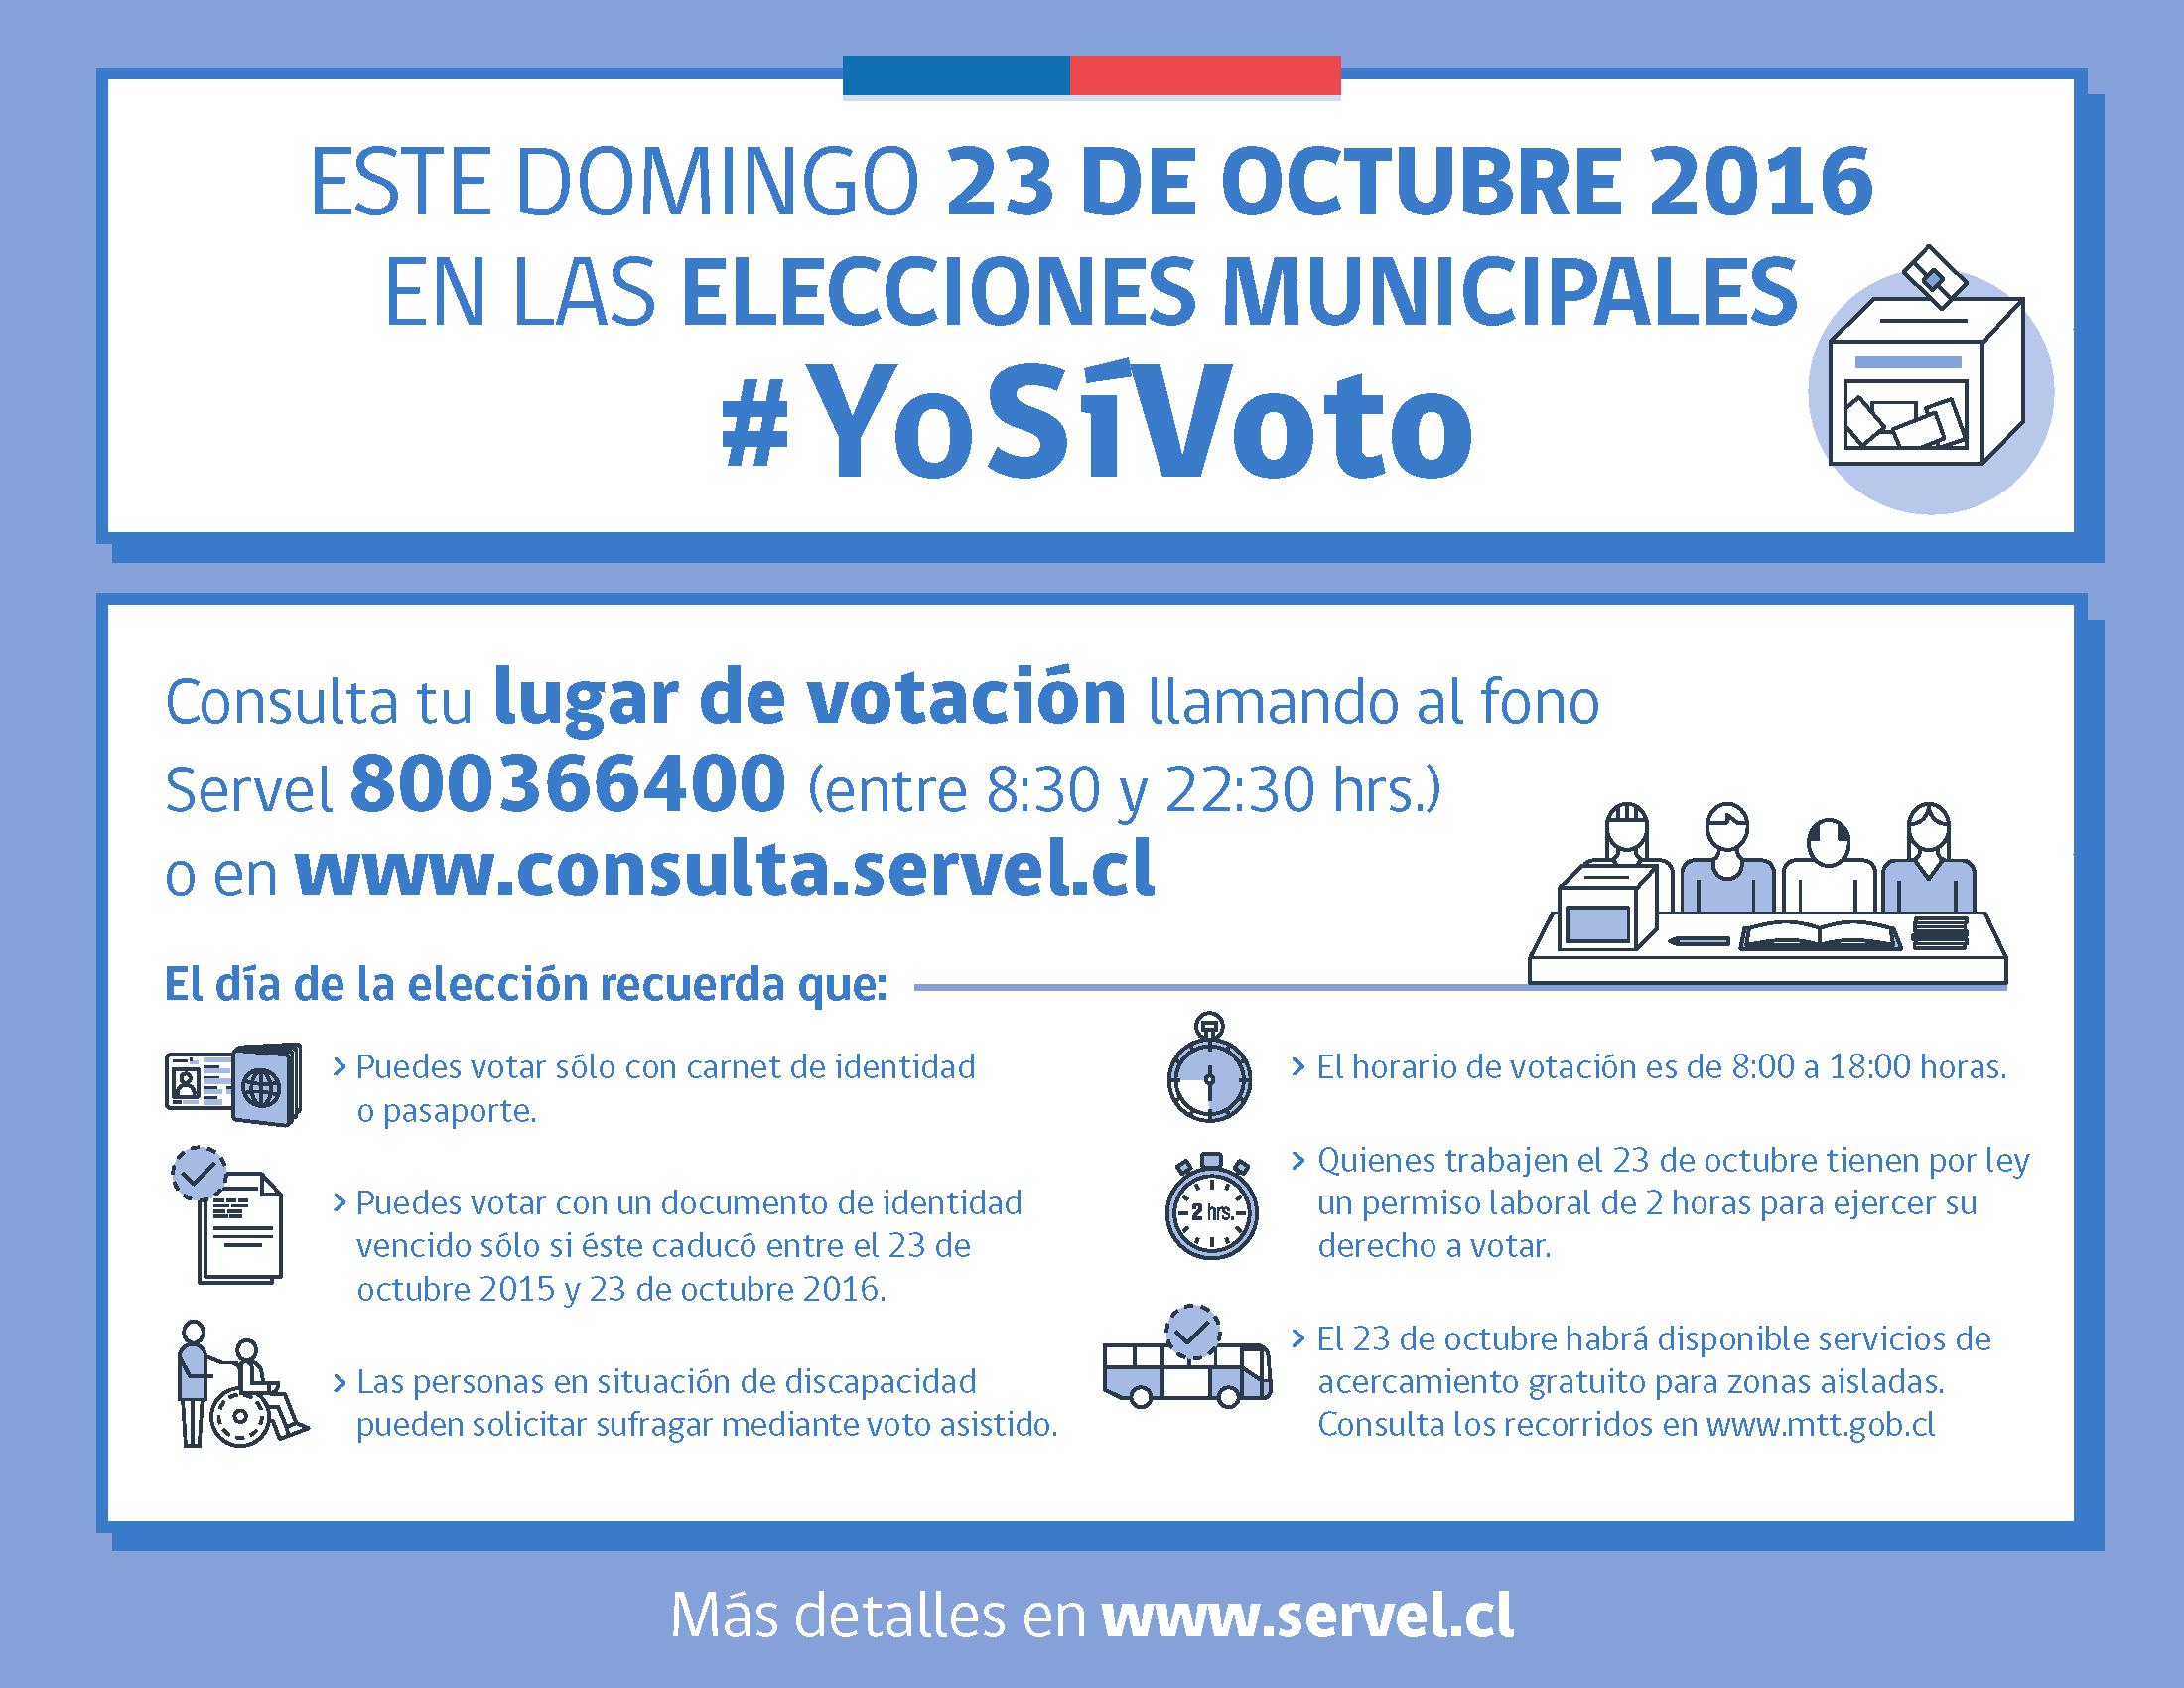 #YosíVoto